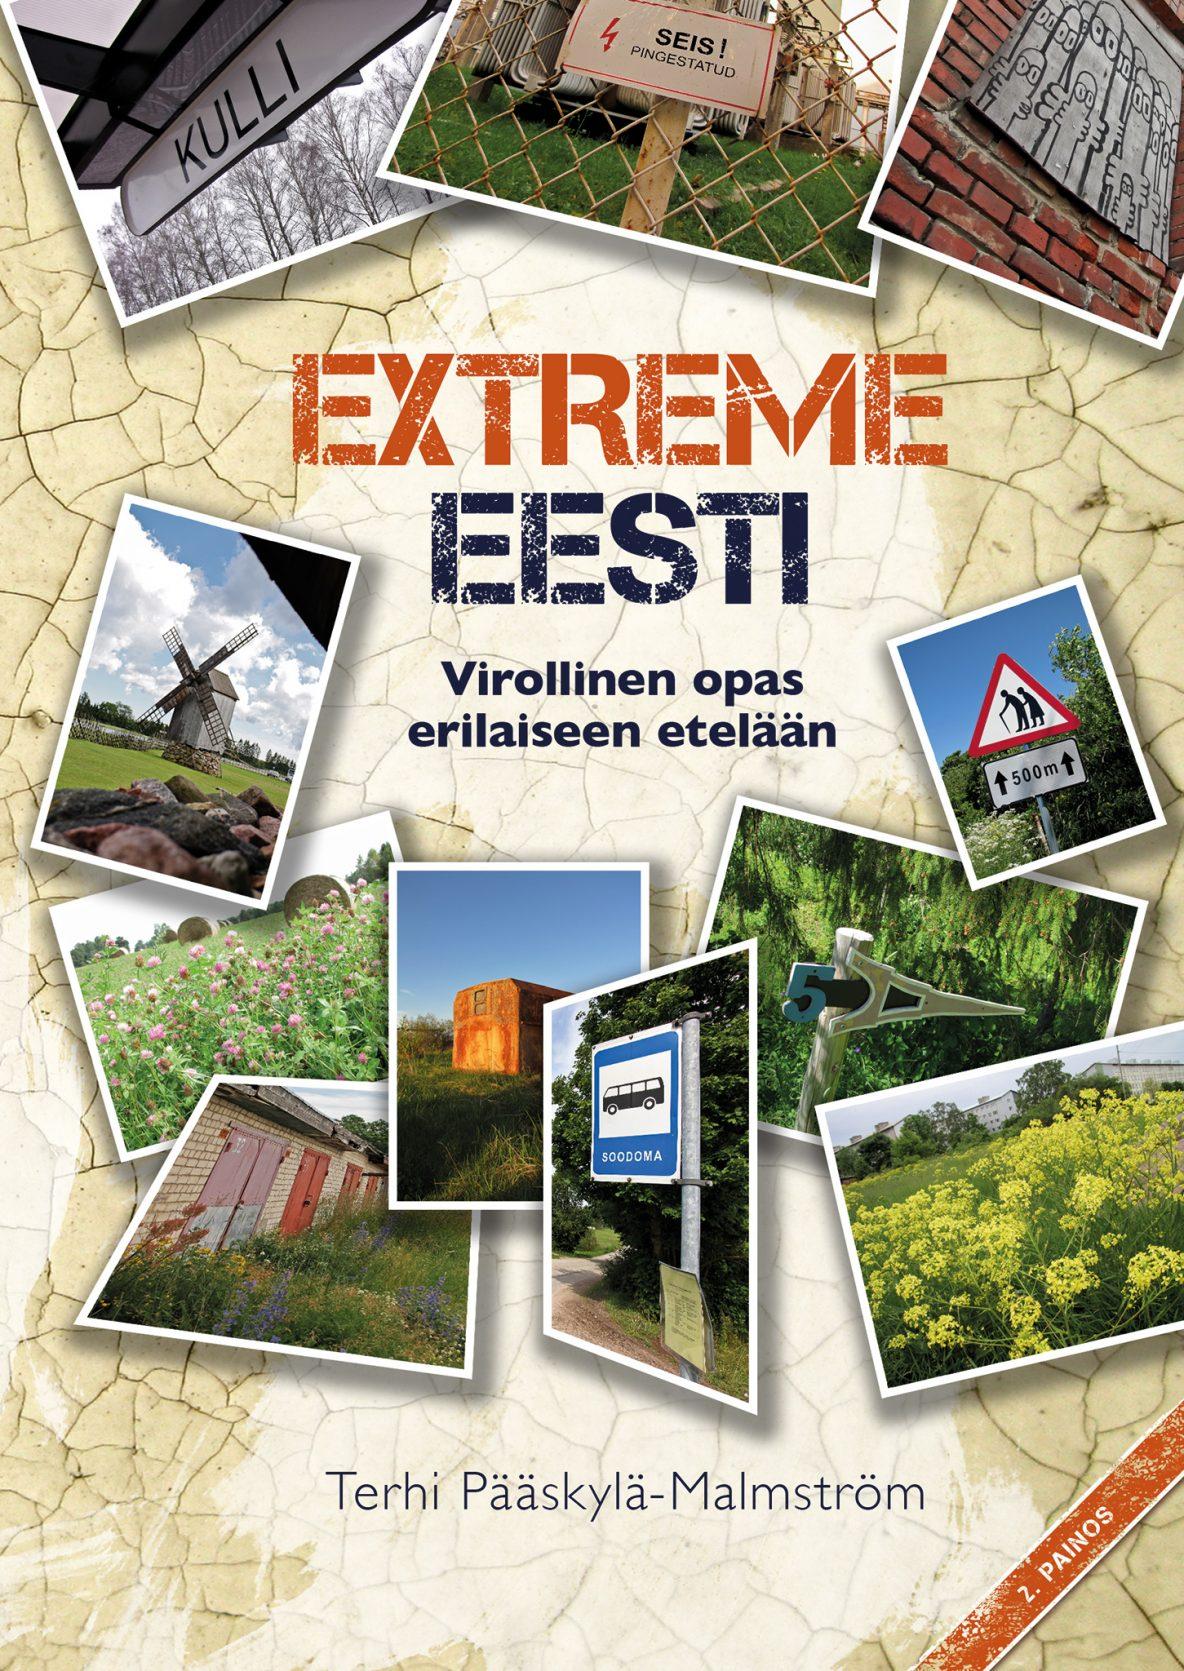 Terhi Pääskylä-Malmström: Extreme Eesti – Virollinen opas erilaiseen etelään